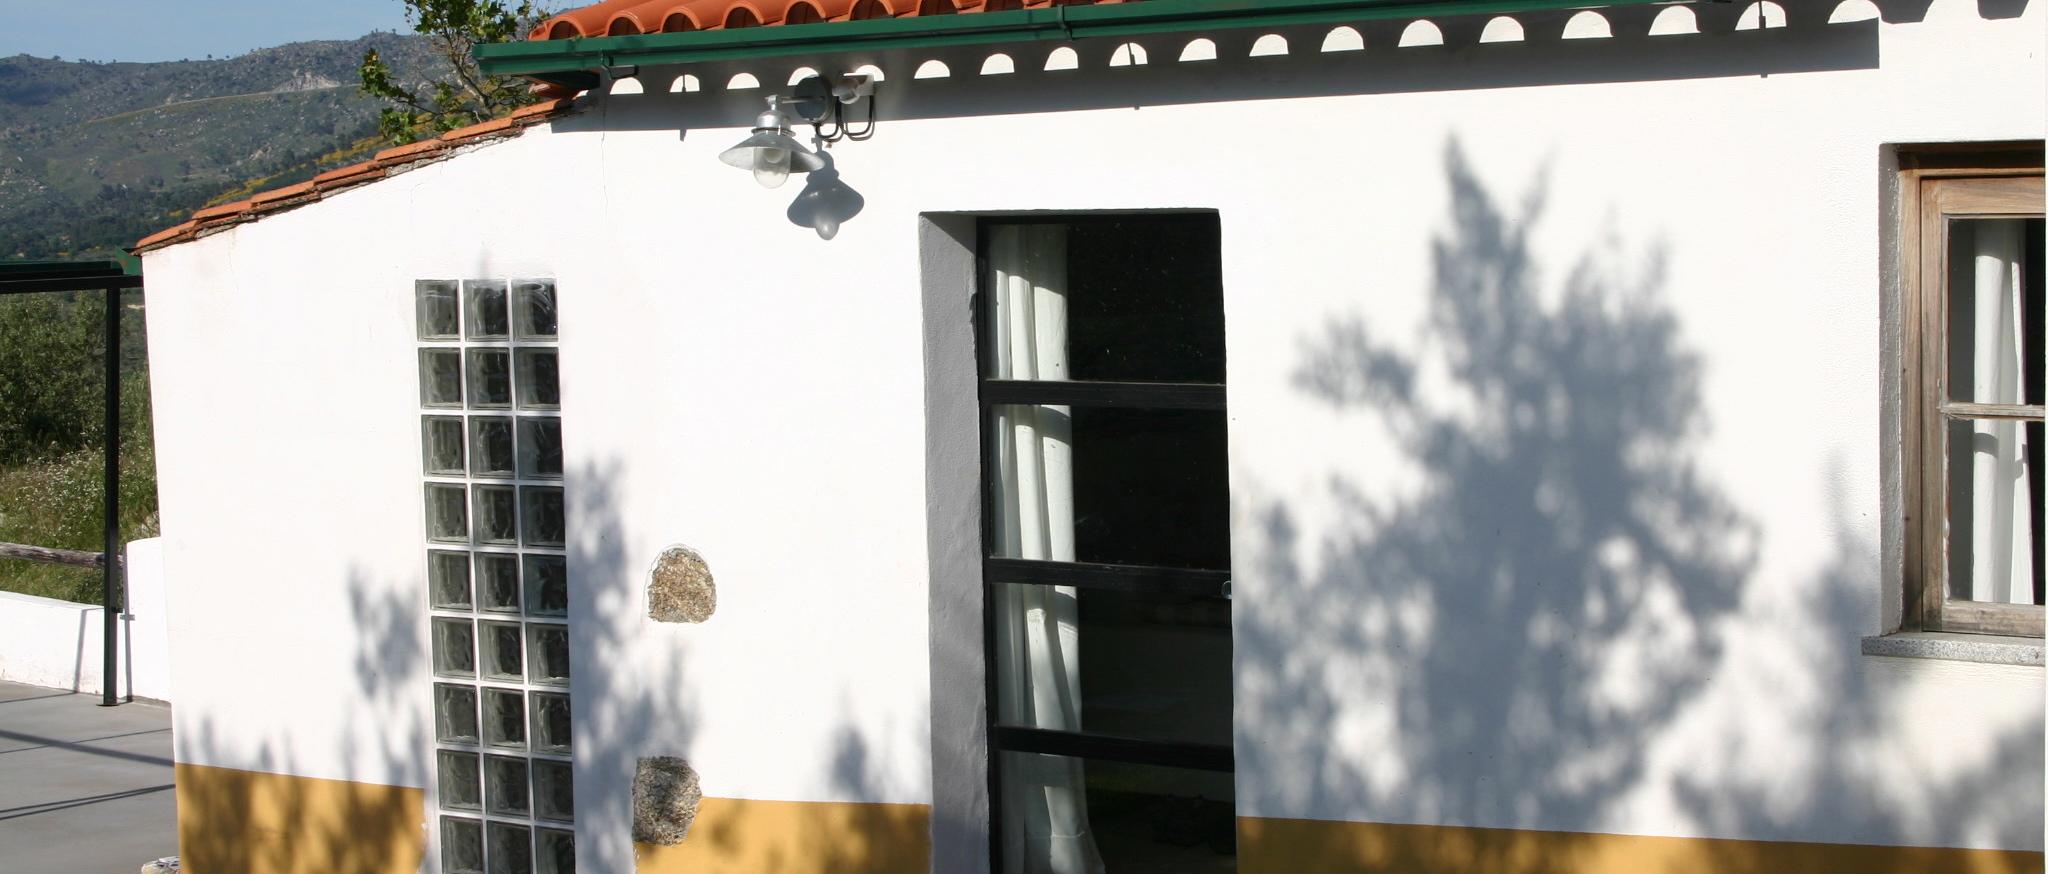 Studio 3 Castanho exterior